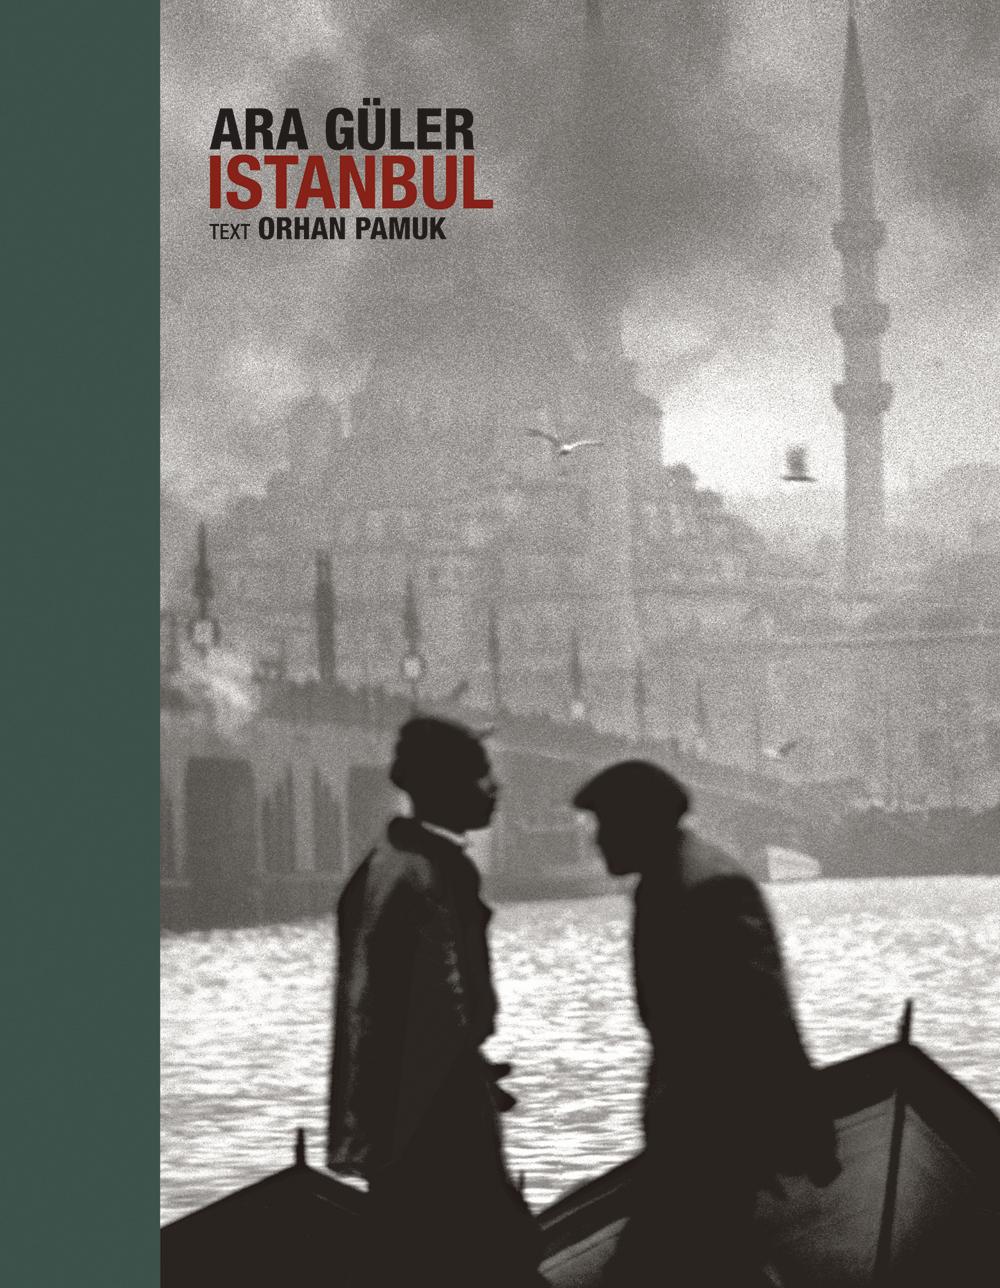 Istanbul, Ara Güler